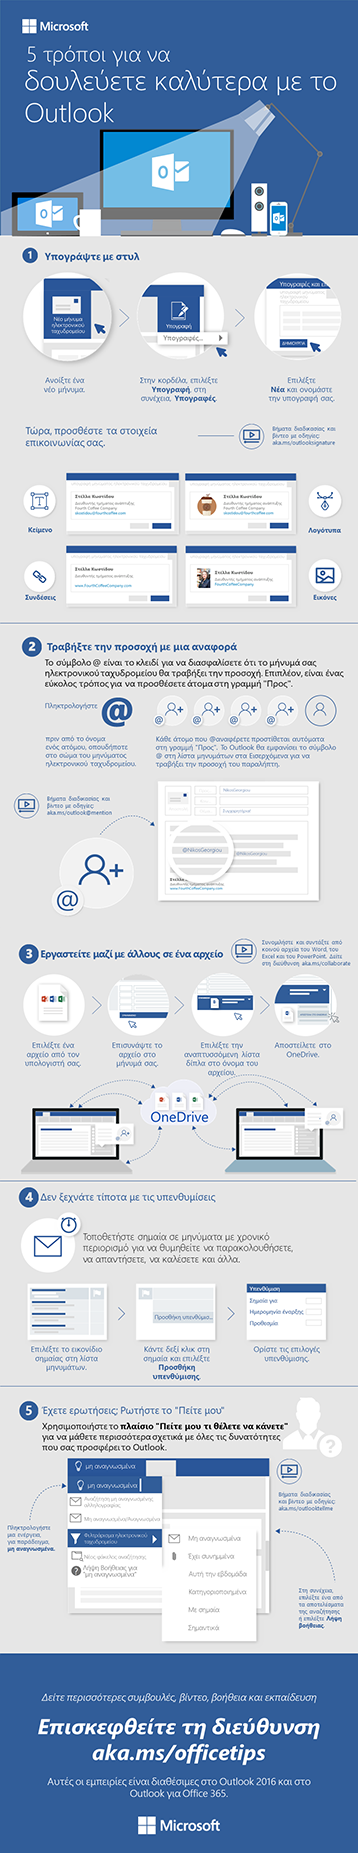 5 βήματα για ένα καλύτερο ηλεκτρονικό ταχυδρομείο στο Outlook 2016